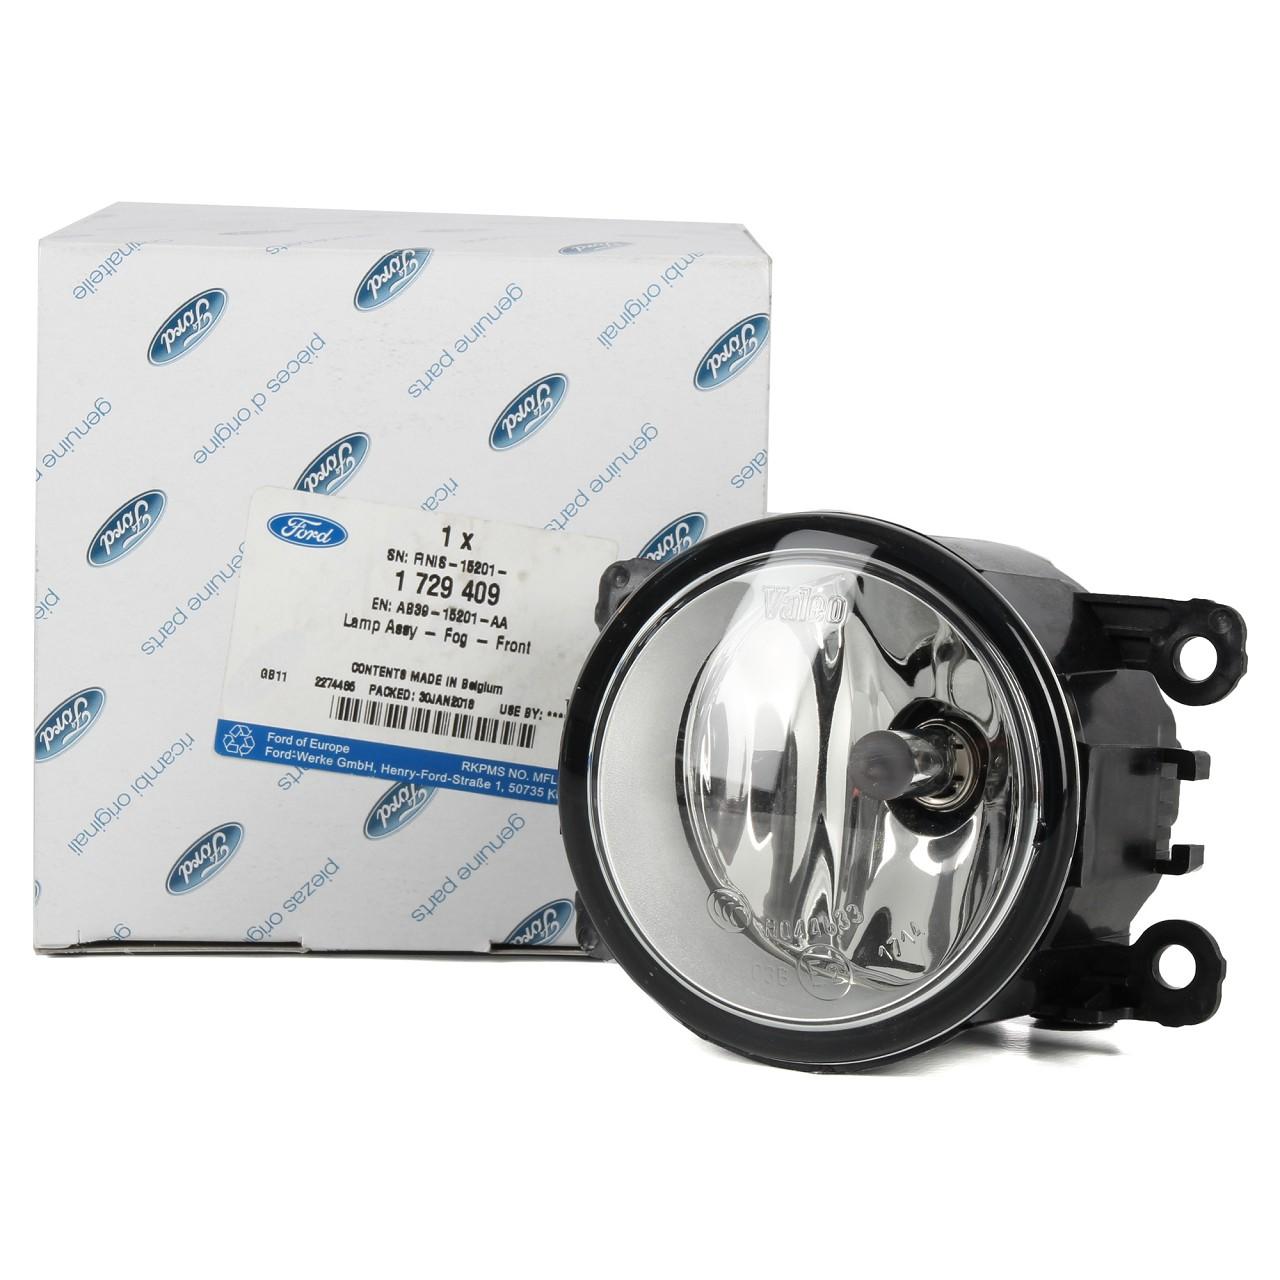 ORIGINAL Ford Nebelscheinwerfer Nebelleuchte RANGER (TKE) beidseitig 1729409